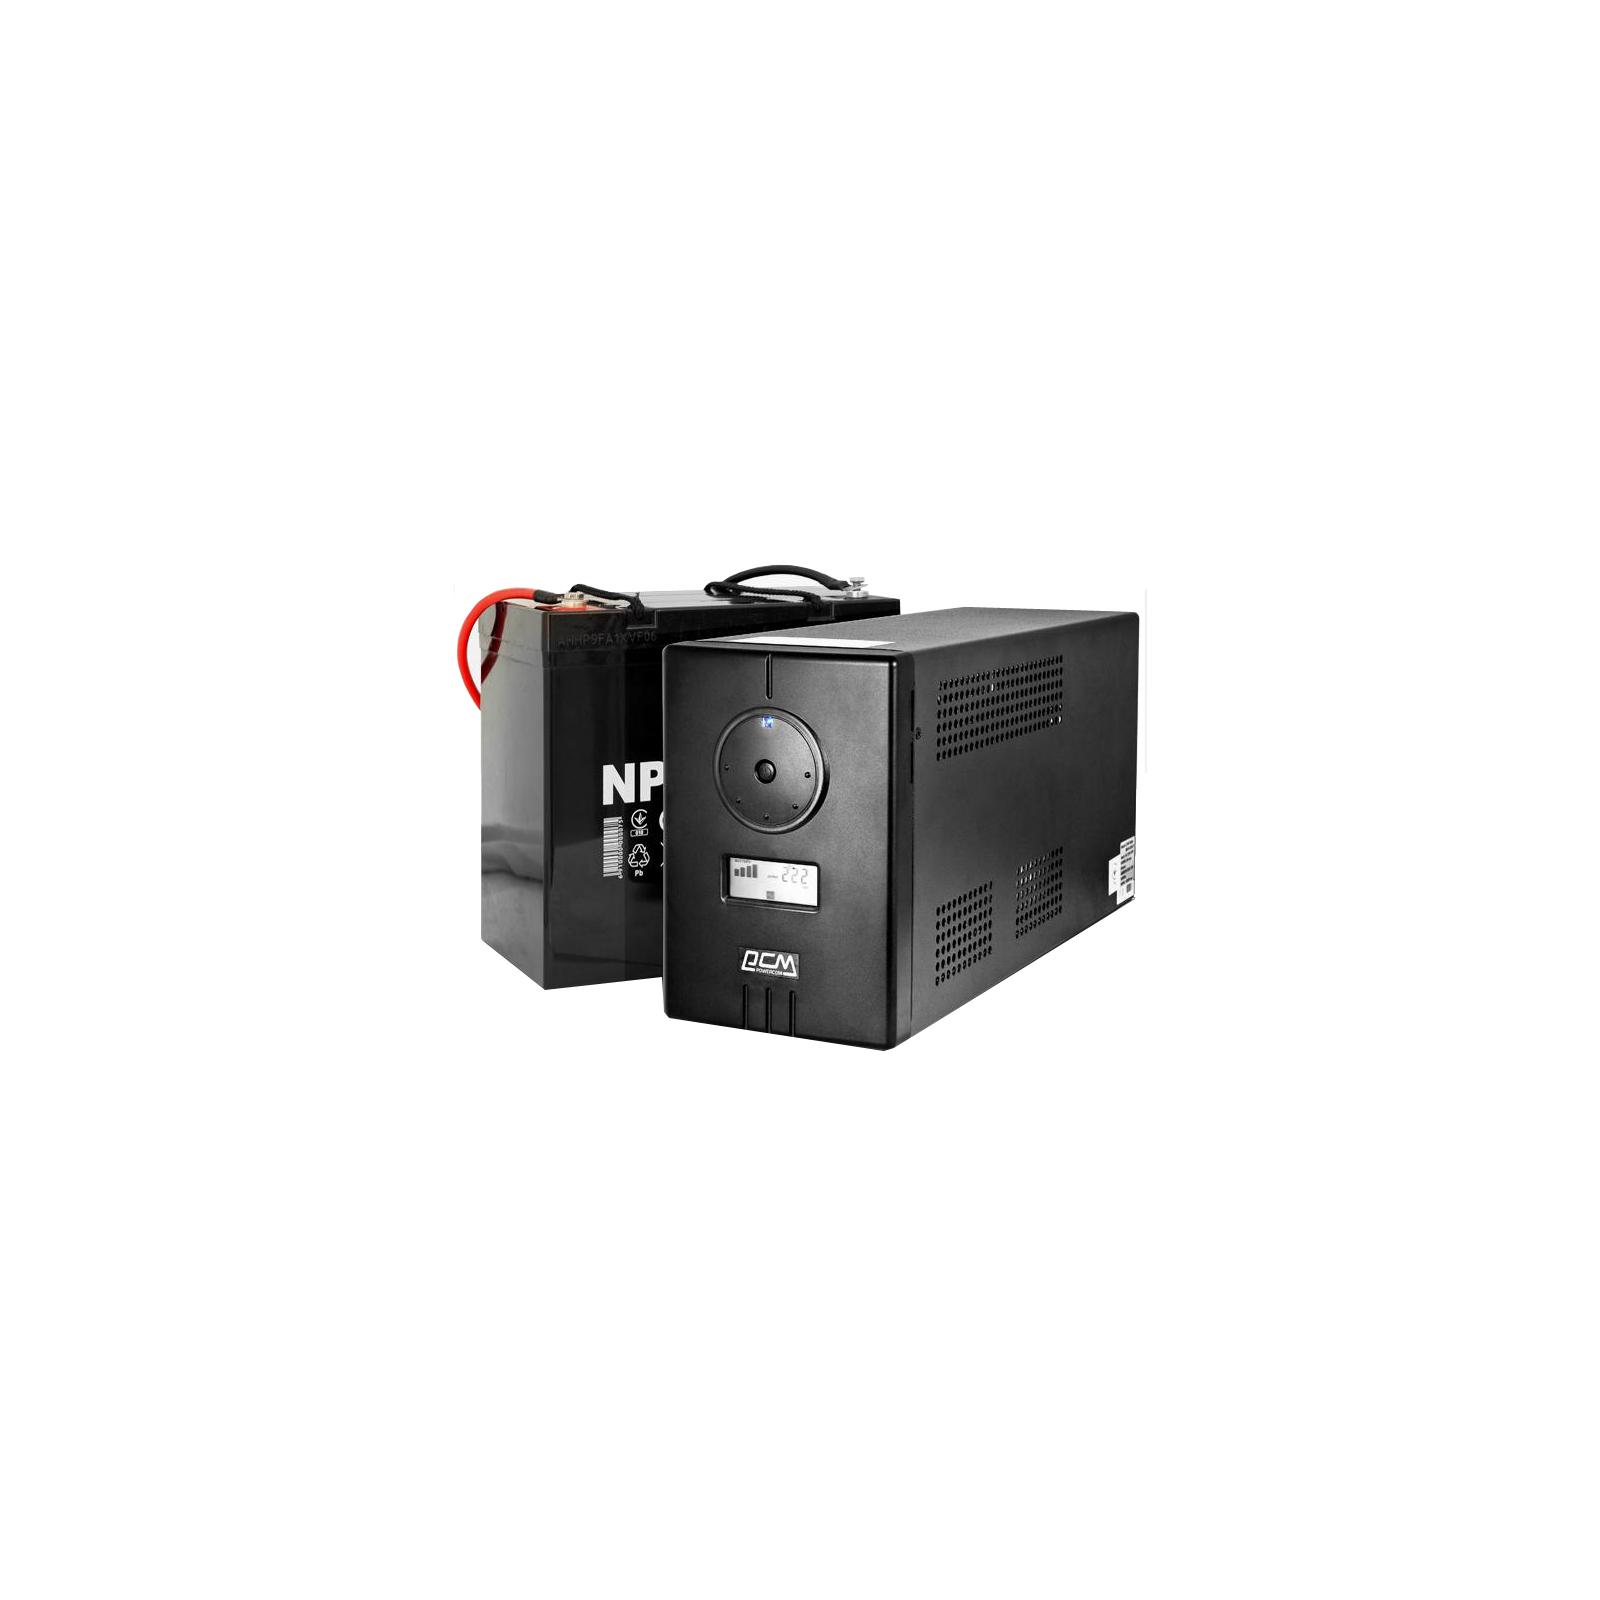 Источник бесперебойного питания Powercom INF-500 (INF-500 AP) изображение 4